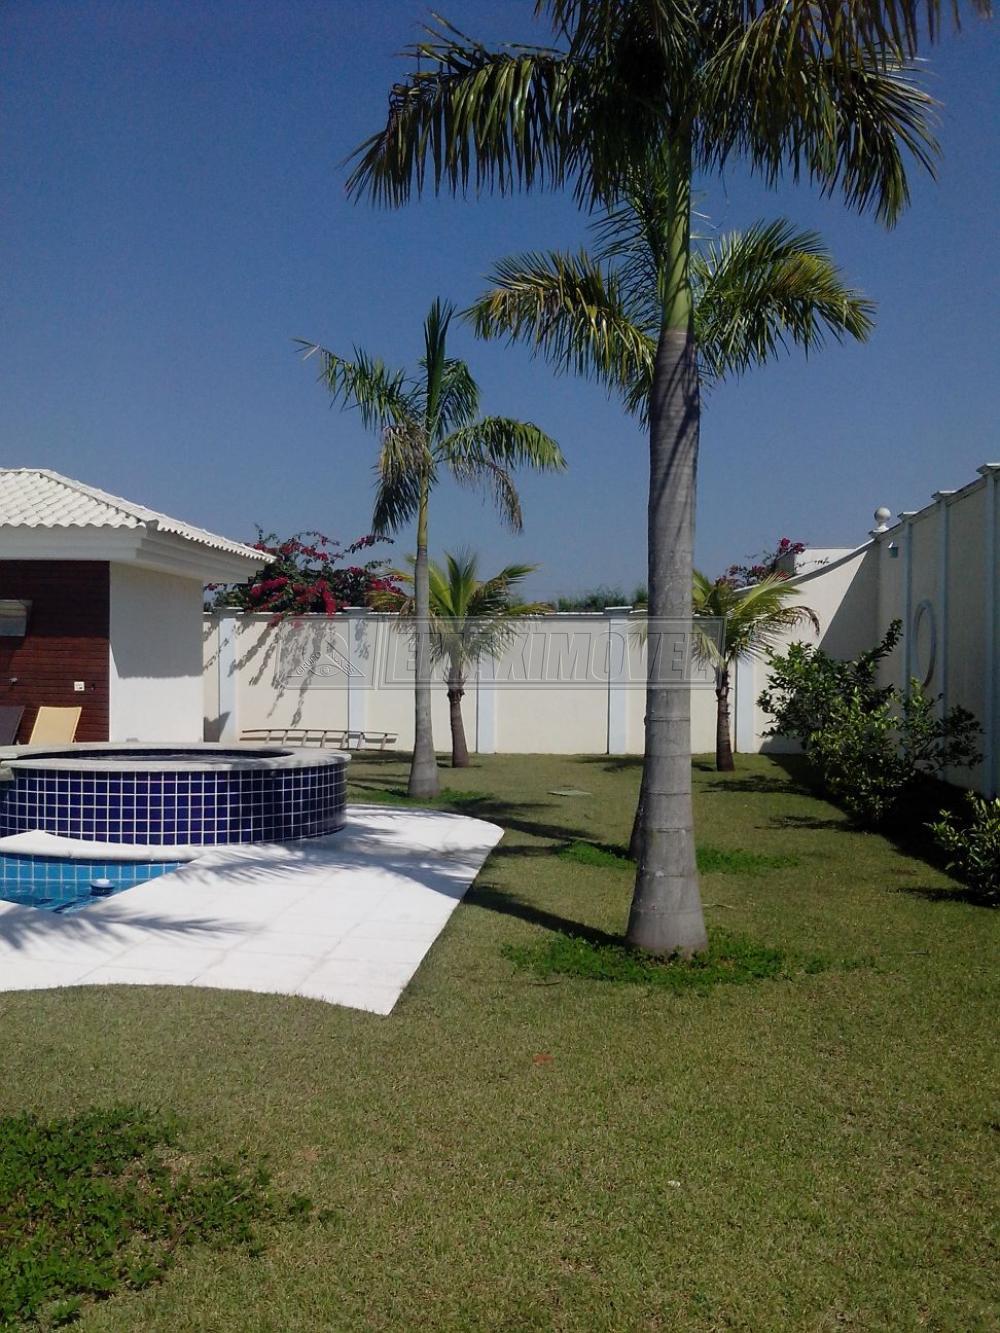 Comprar Casas / em Condomínios em Itu R$ 1.860.000,00 - Foto 25